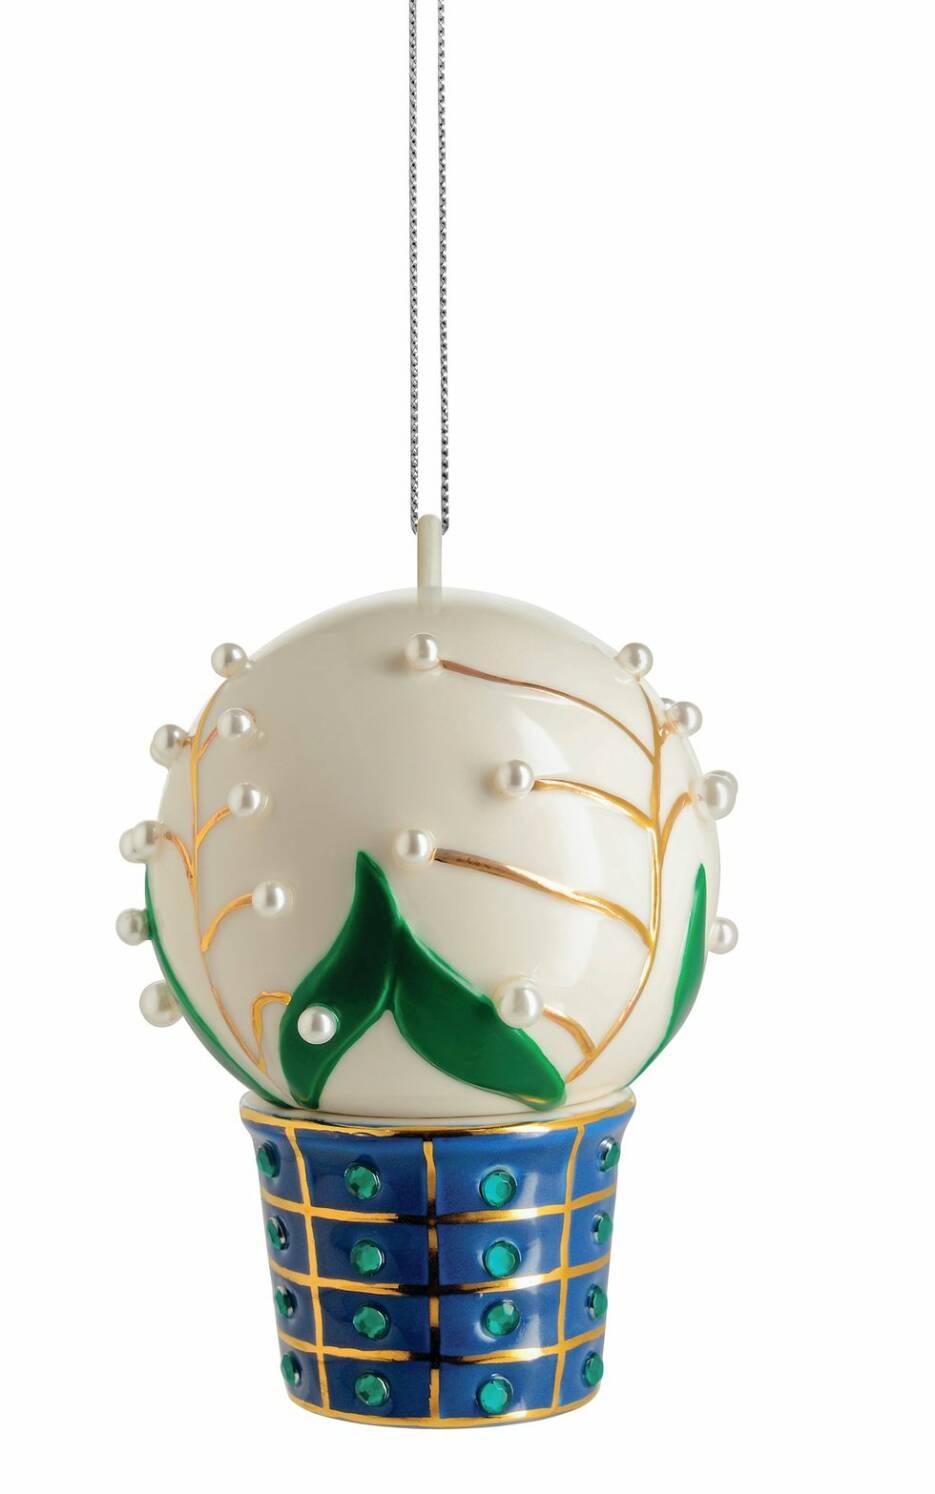 Så här dekorerar du din julgran i lager på lager